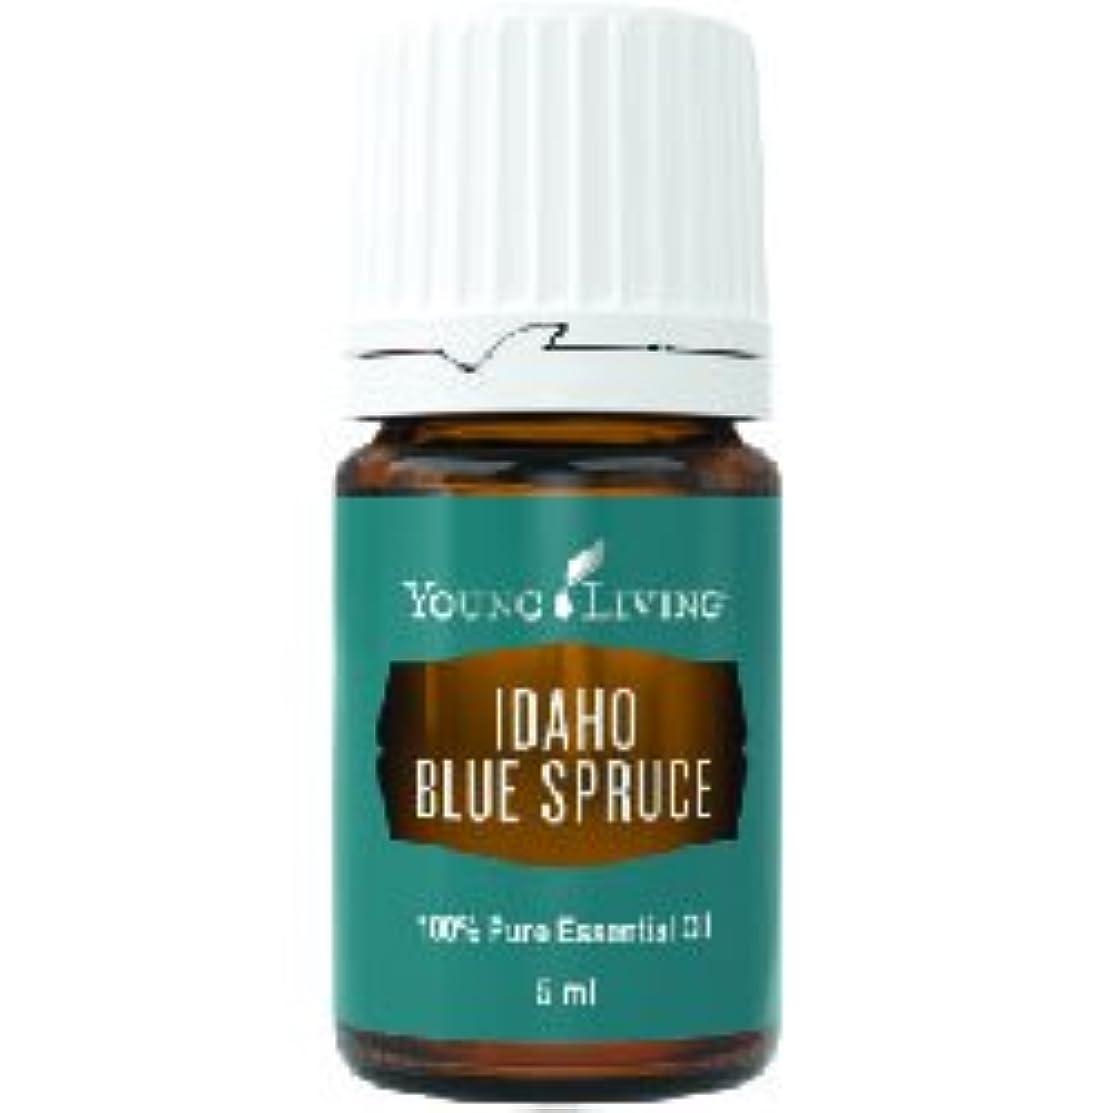 投票寄託代名詞アイダホブルースプルースエッセンシャルオイル5ml by Young Livingエッセンシャルオイルマレーシア Idaho Blue Spruce Essential Oil 5ml by Young Living Essential...